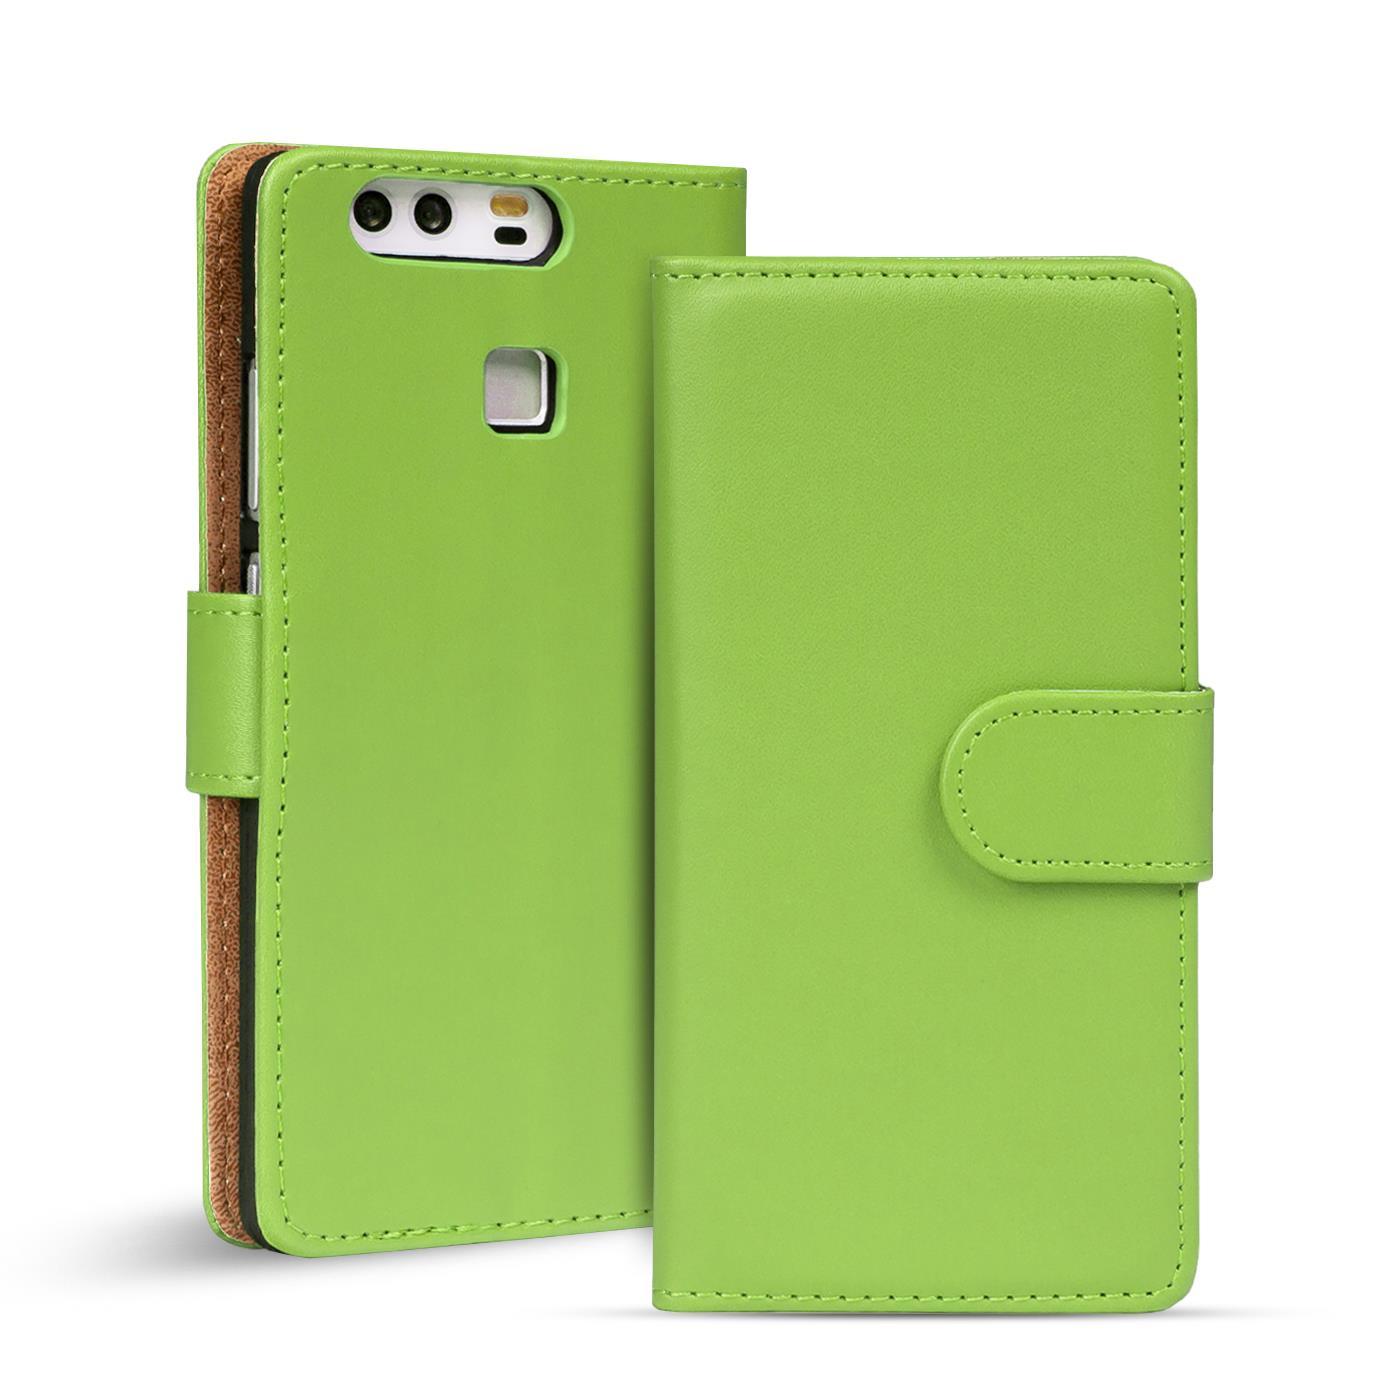 Handy-Huelle-fuer-Huawei-Modelle-Case-Schutz-Tasche-Cover-Basic-Wallet-Flip-Etui